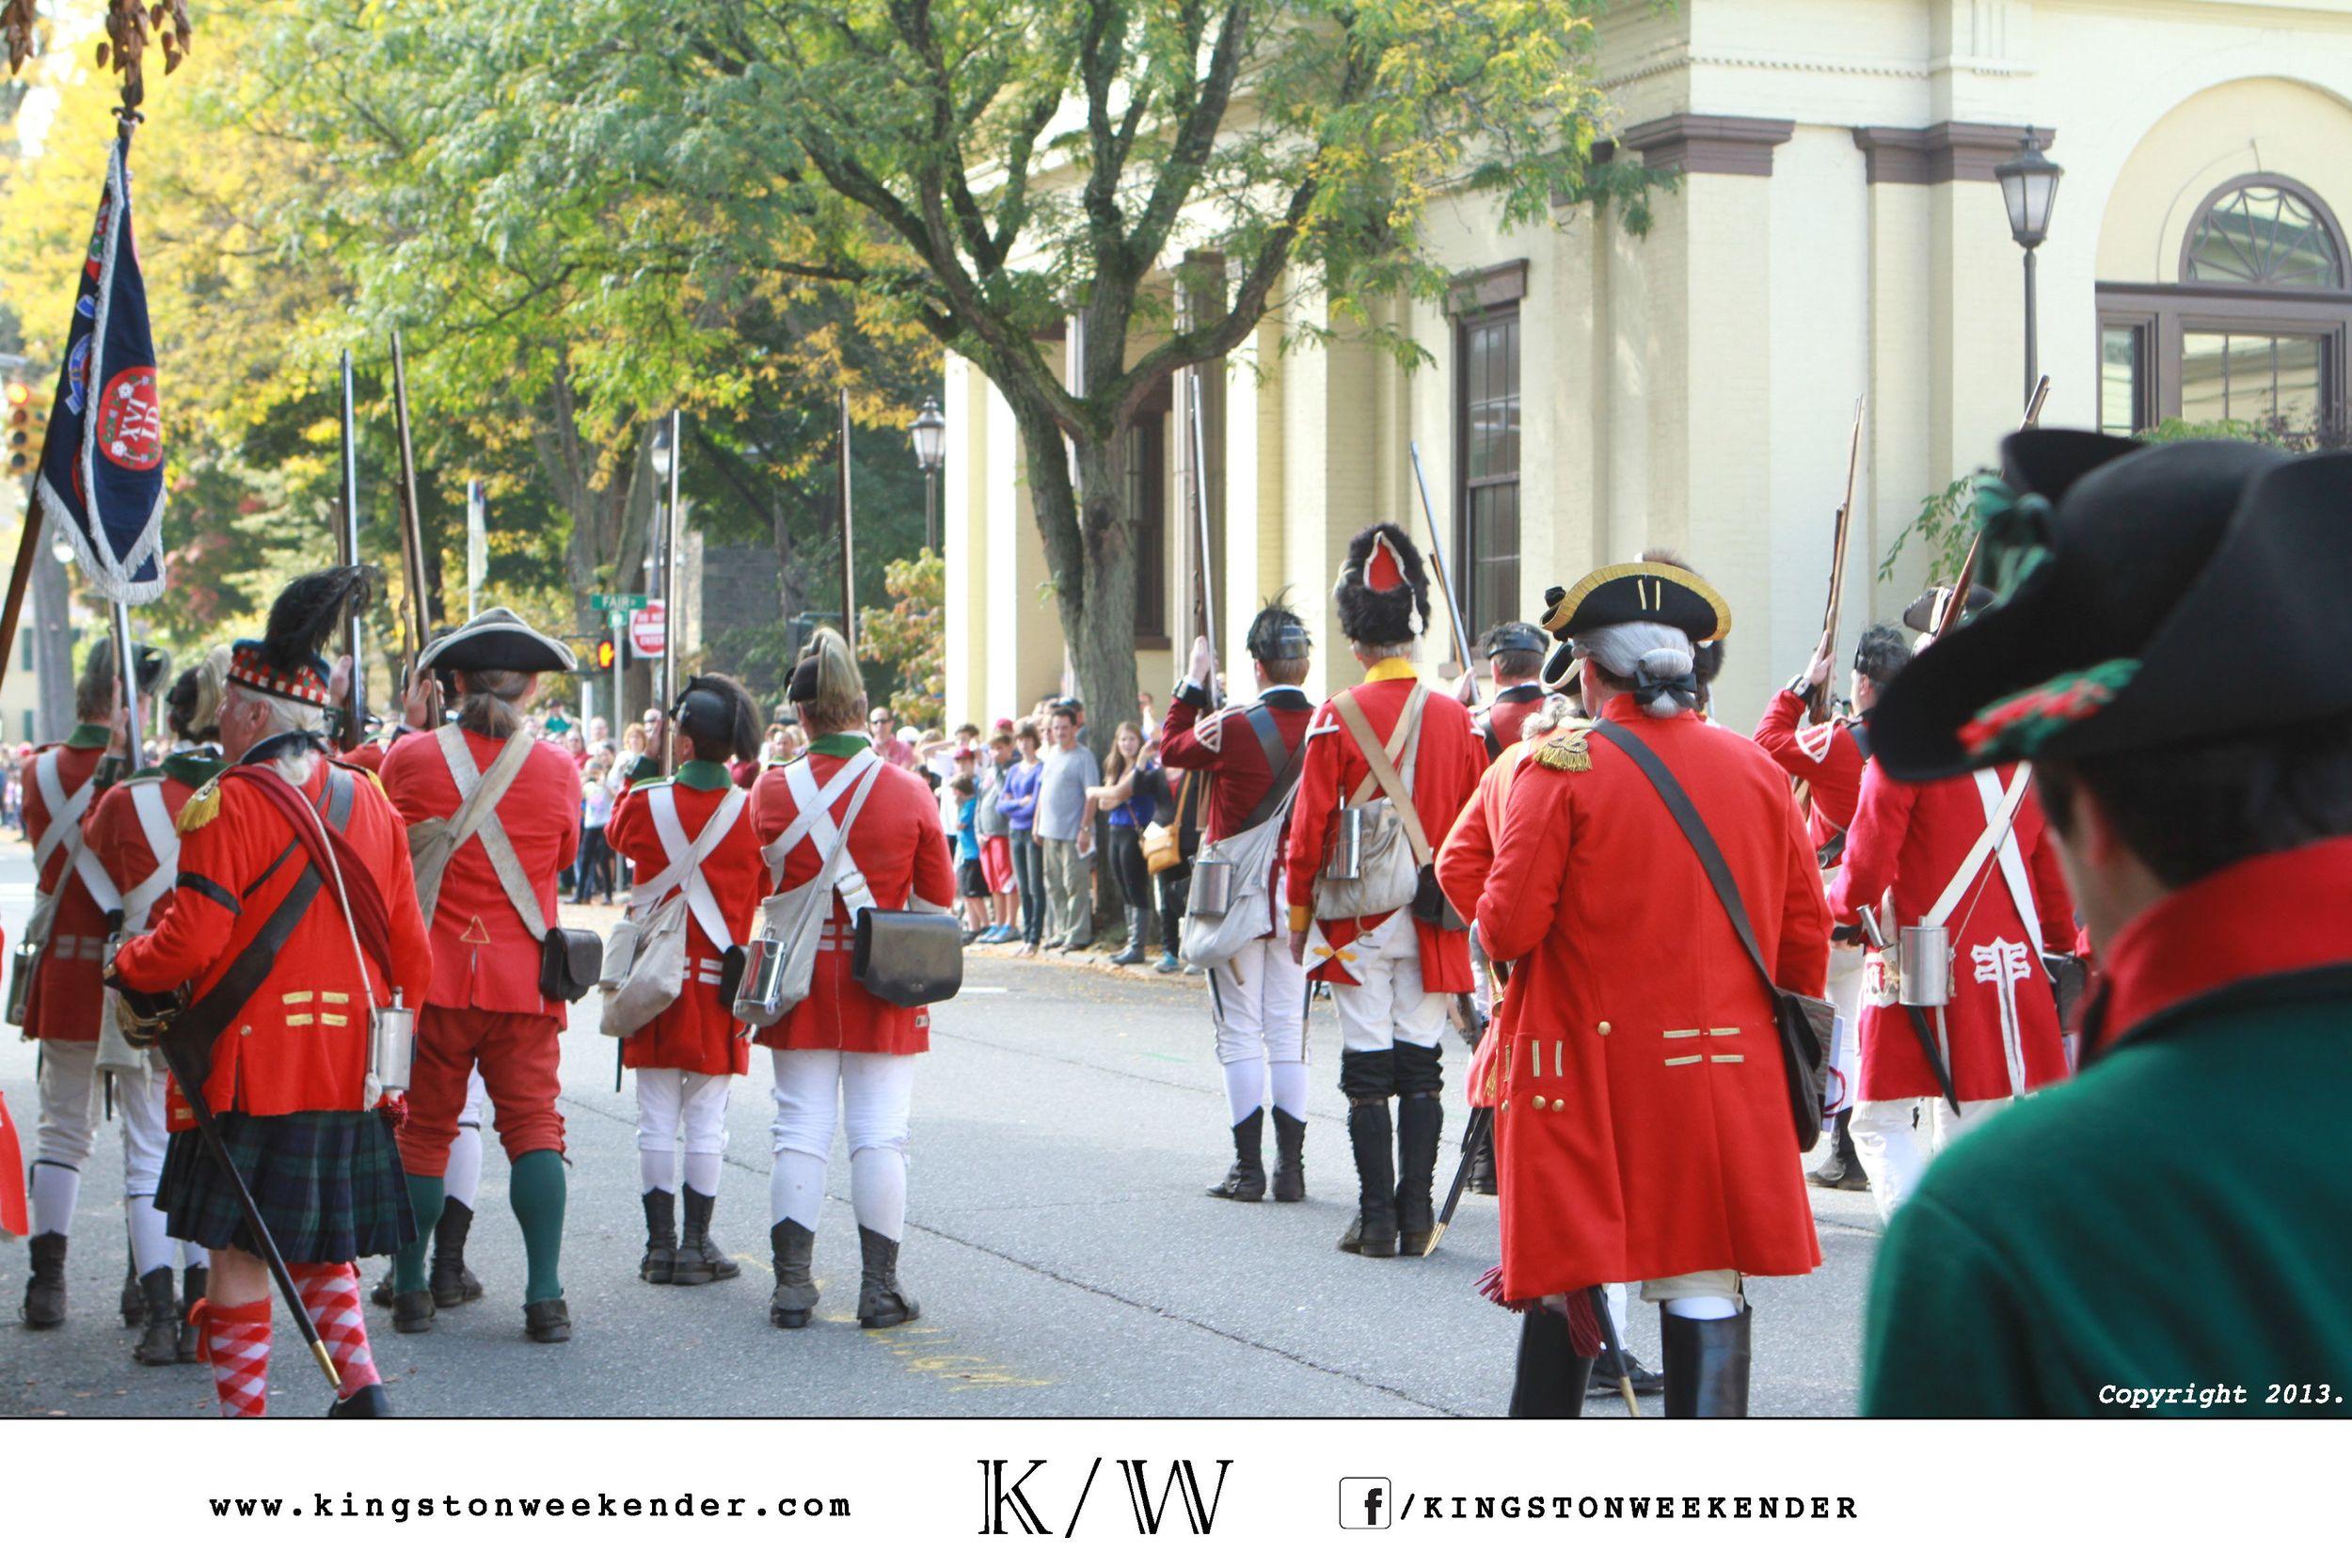 kingston-weekender-photo-credits8.jpg